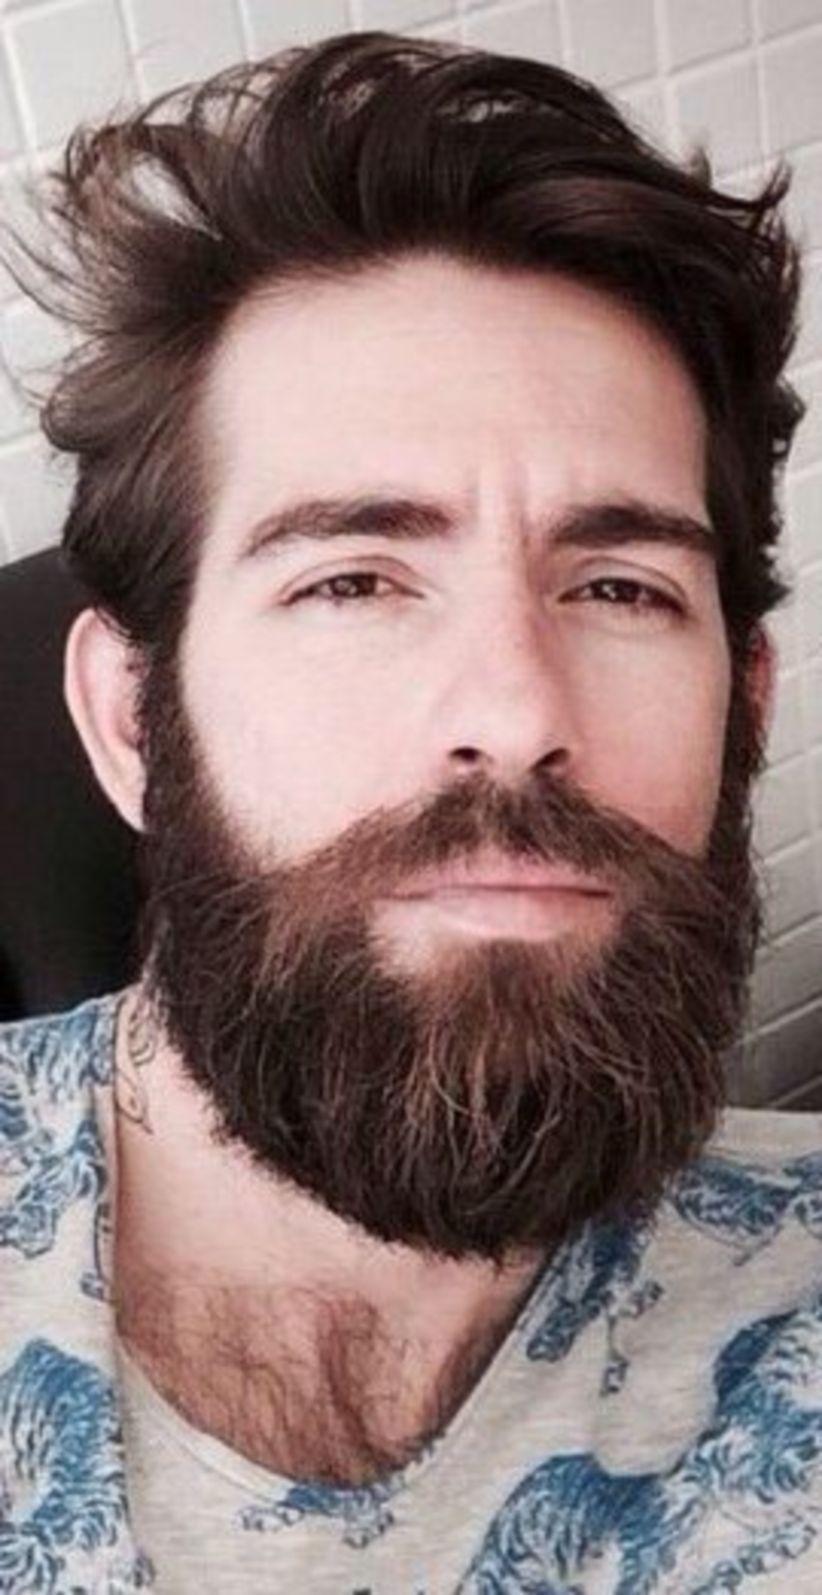 Best Beard Oil 2020 50+ Trending Beard Styles For Men in 2020 (ALL SHAPES AND SIZES